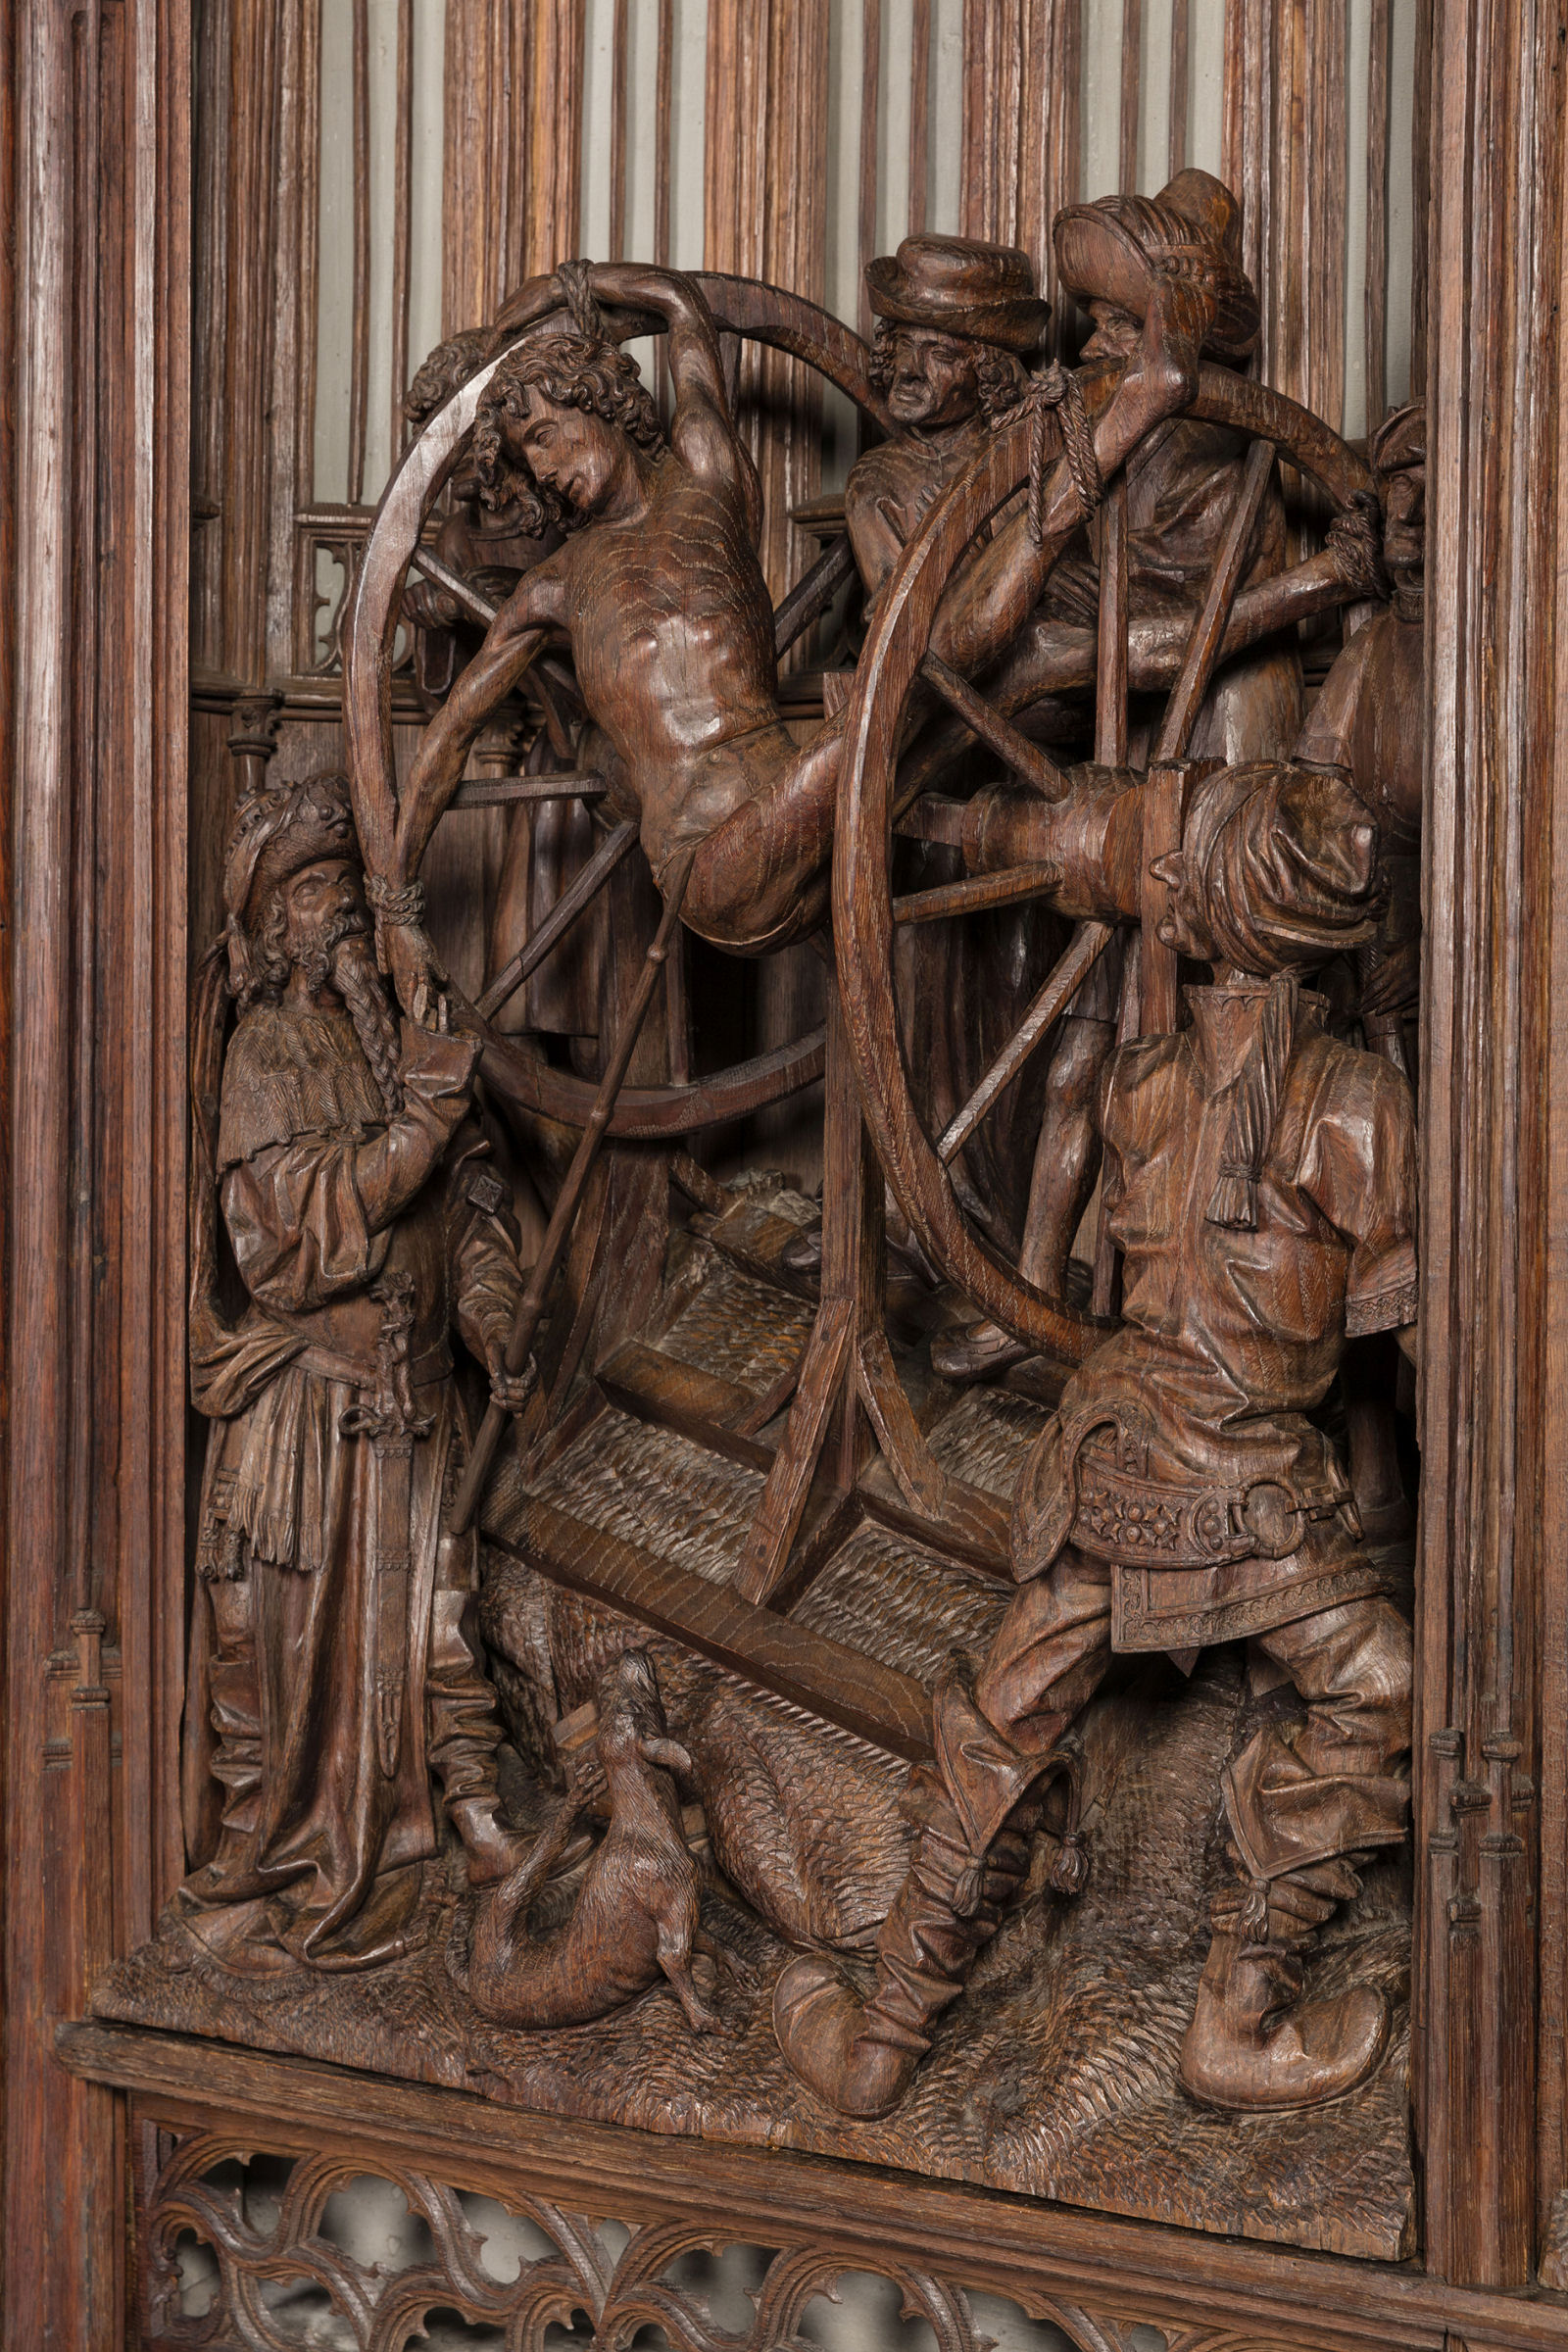 великолепный кровавый алтарь Святого Георгия (4).jpg